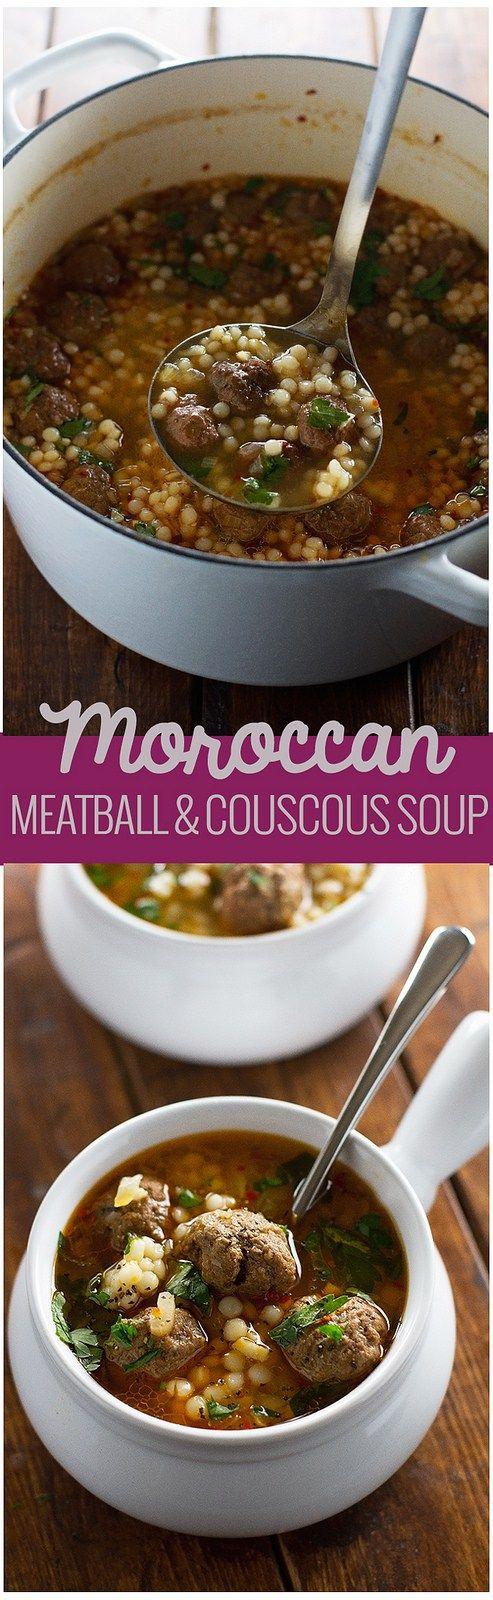 Moroccan Meatball Couscous Soup Recipe  Little Spice Jar